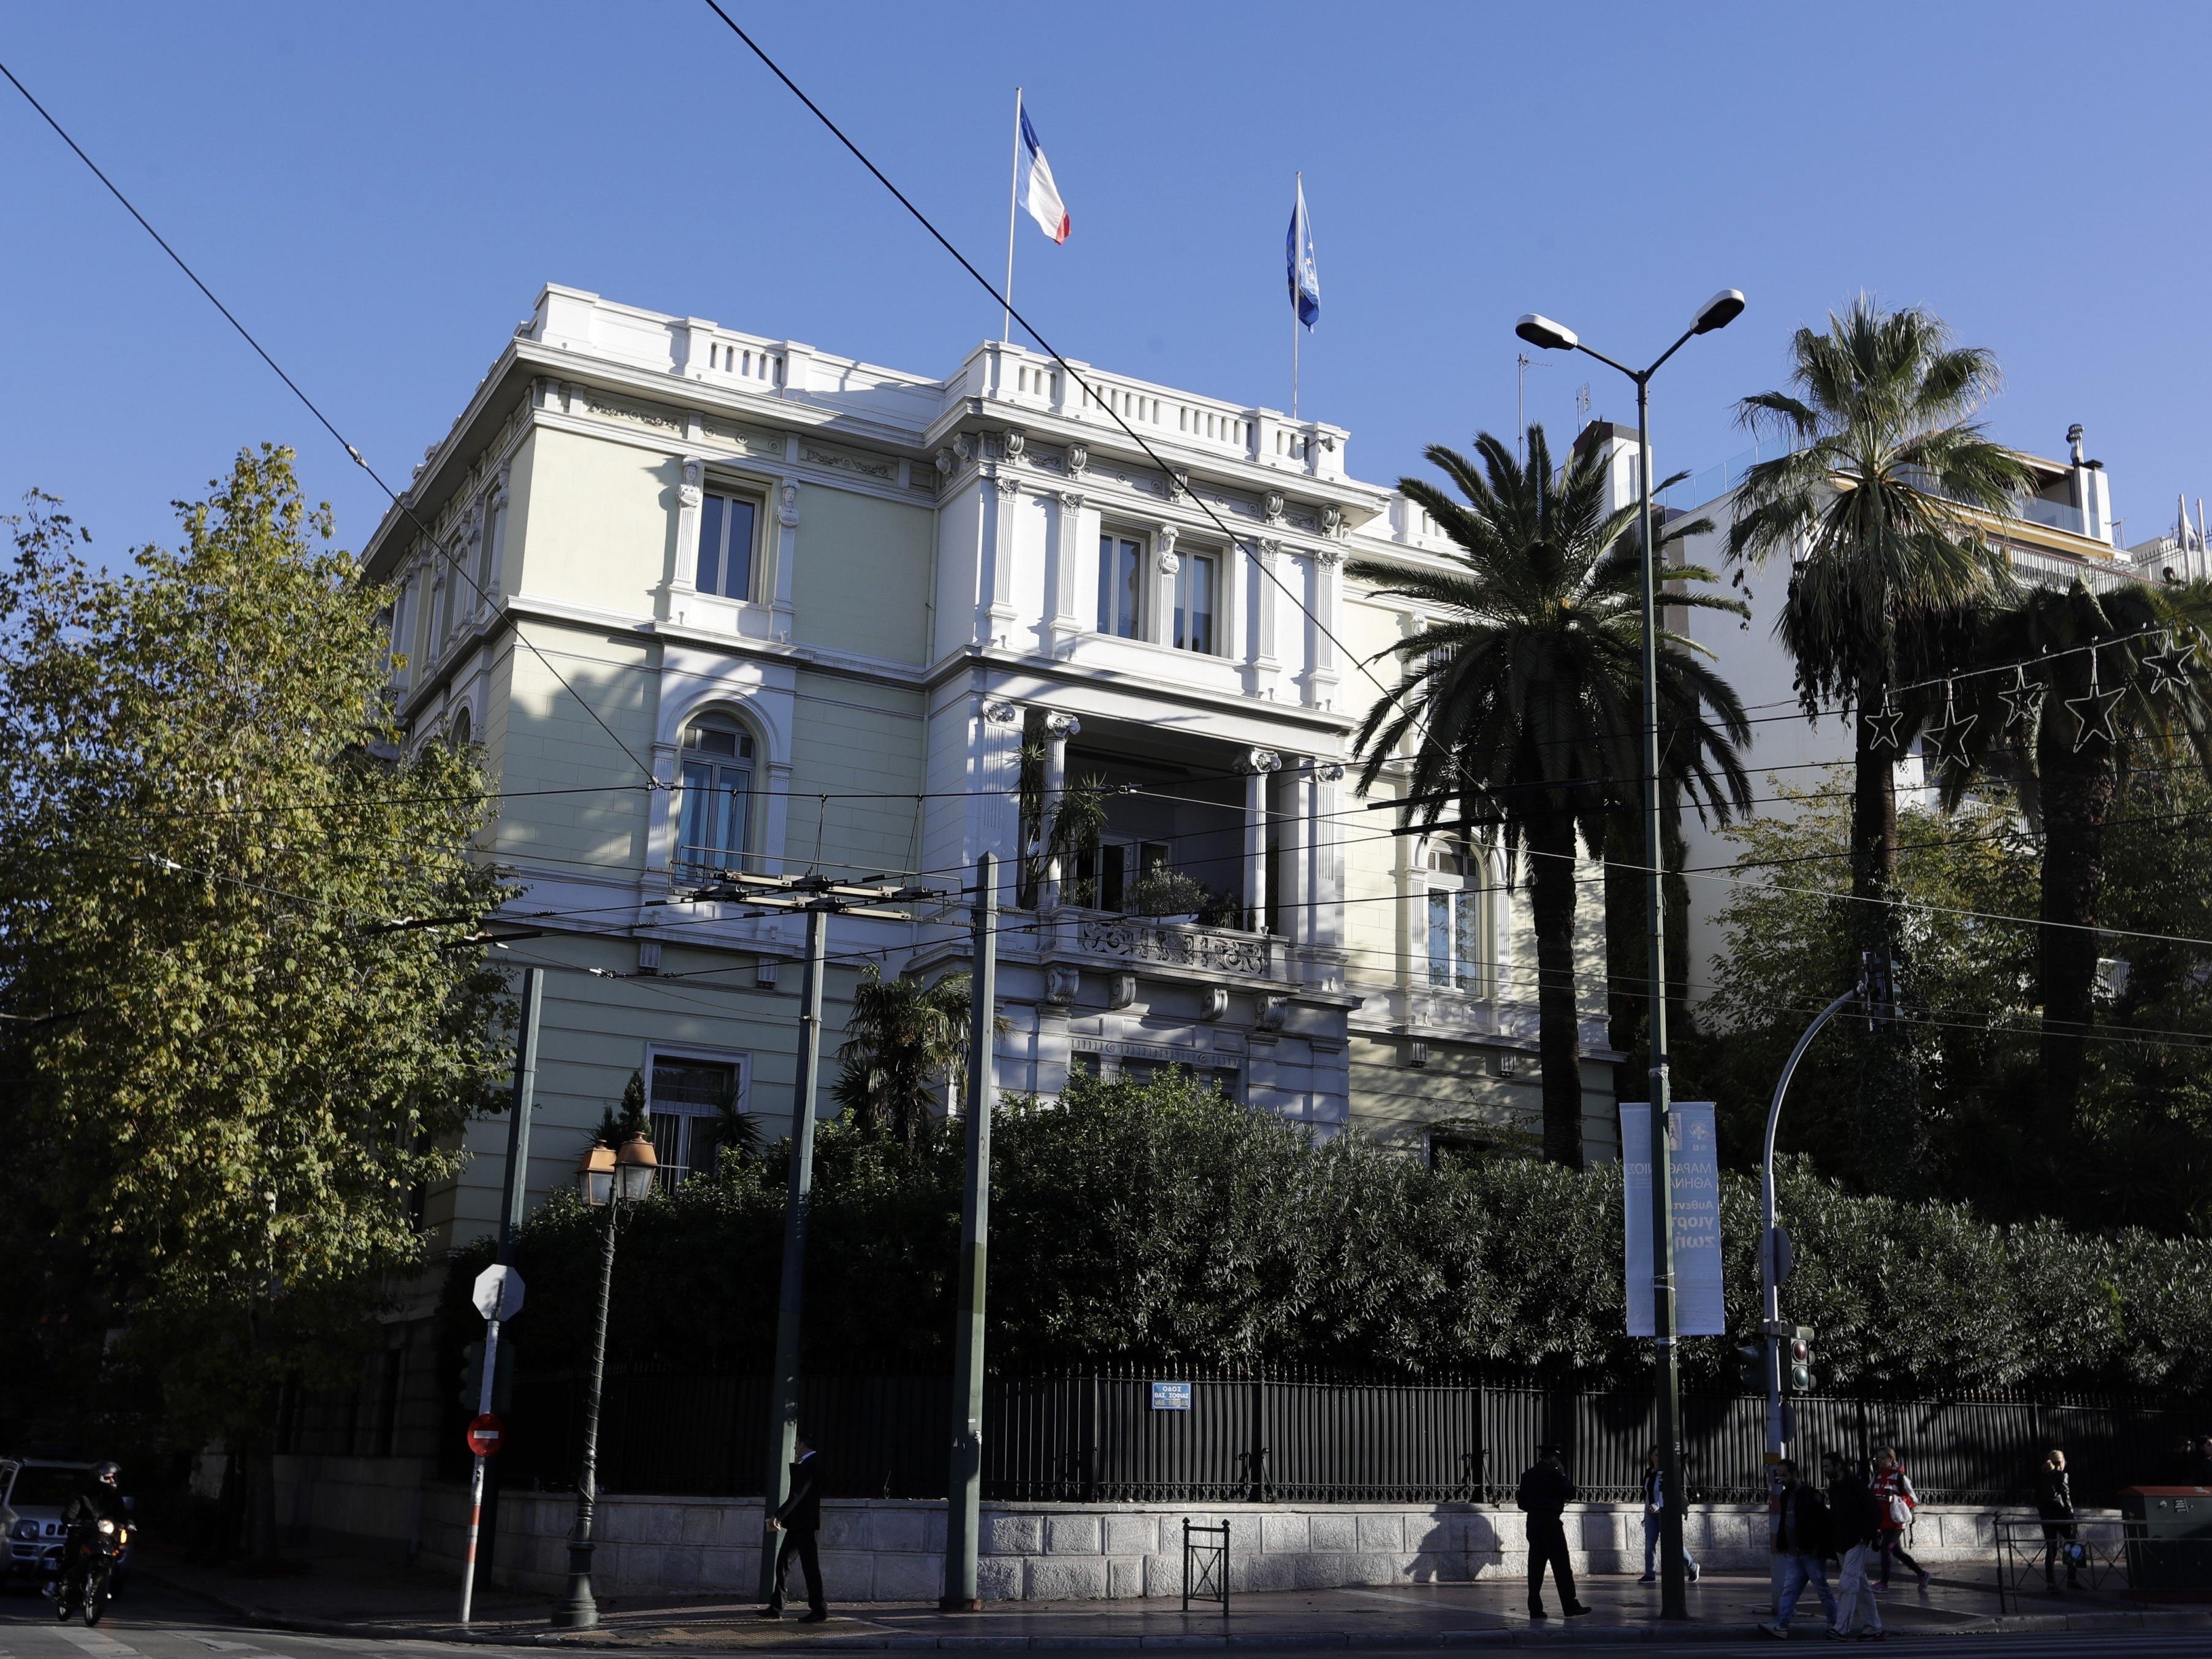 Auf die französische Botschaft in der griechischen Hauptstadt wurde eine Handgranate geschleudert. Ein Polizist wurde leicht verletzt.